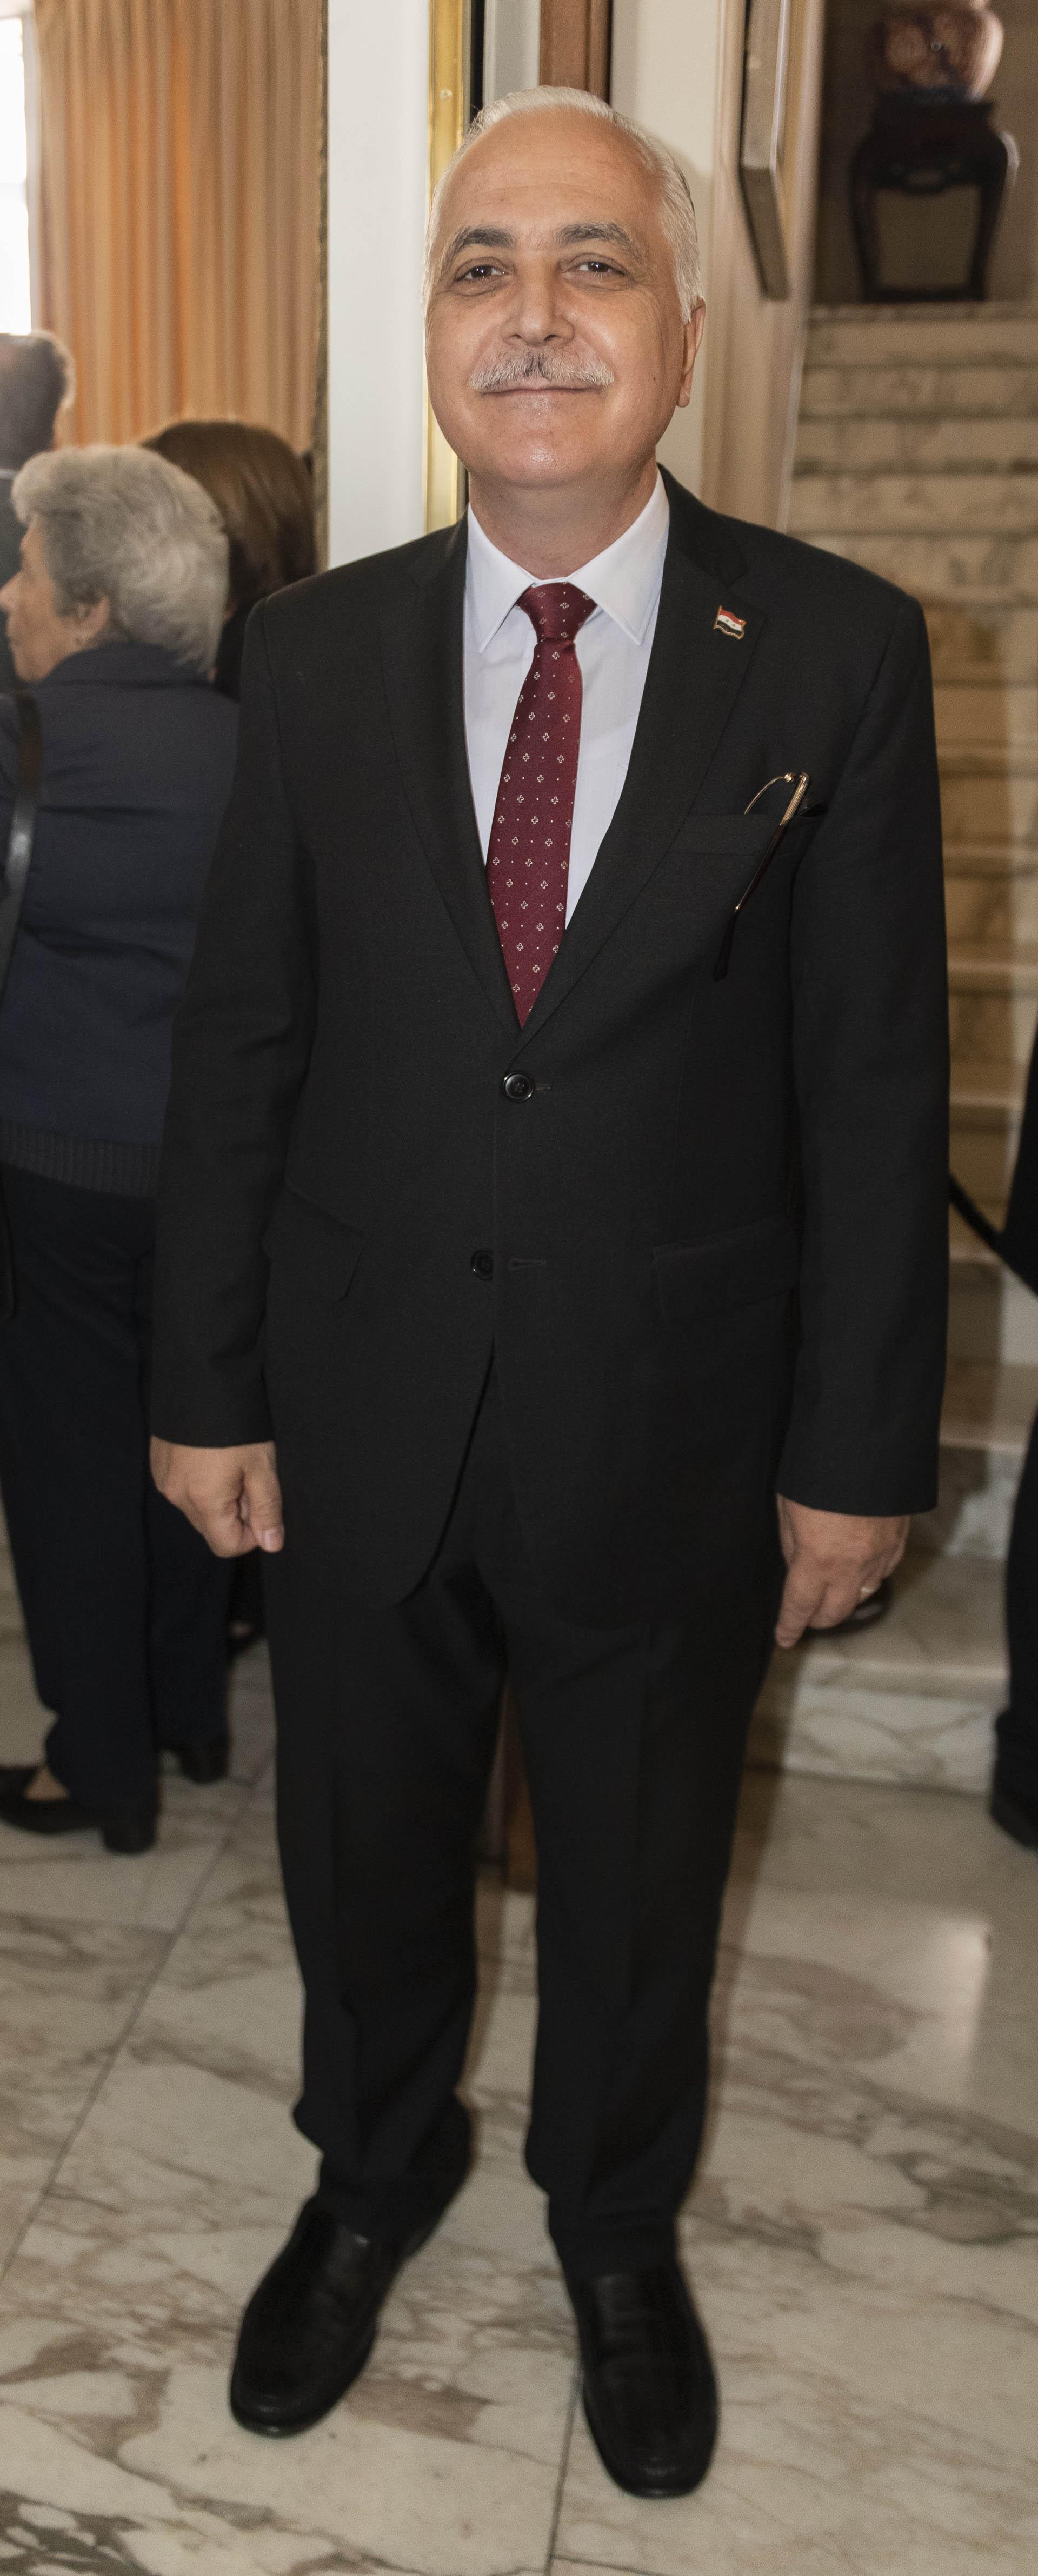 Mohamed Maher Mahfouz, ministro consejero de la embajada de la república Árabe Siria en Argentina